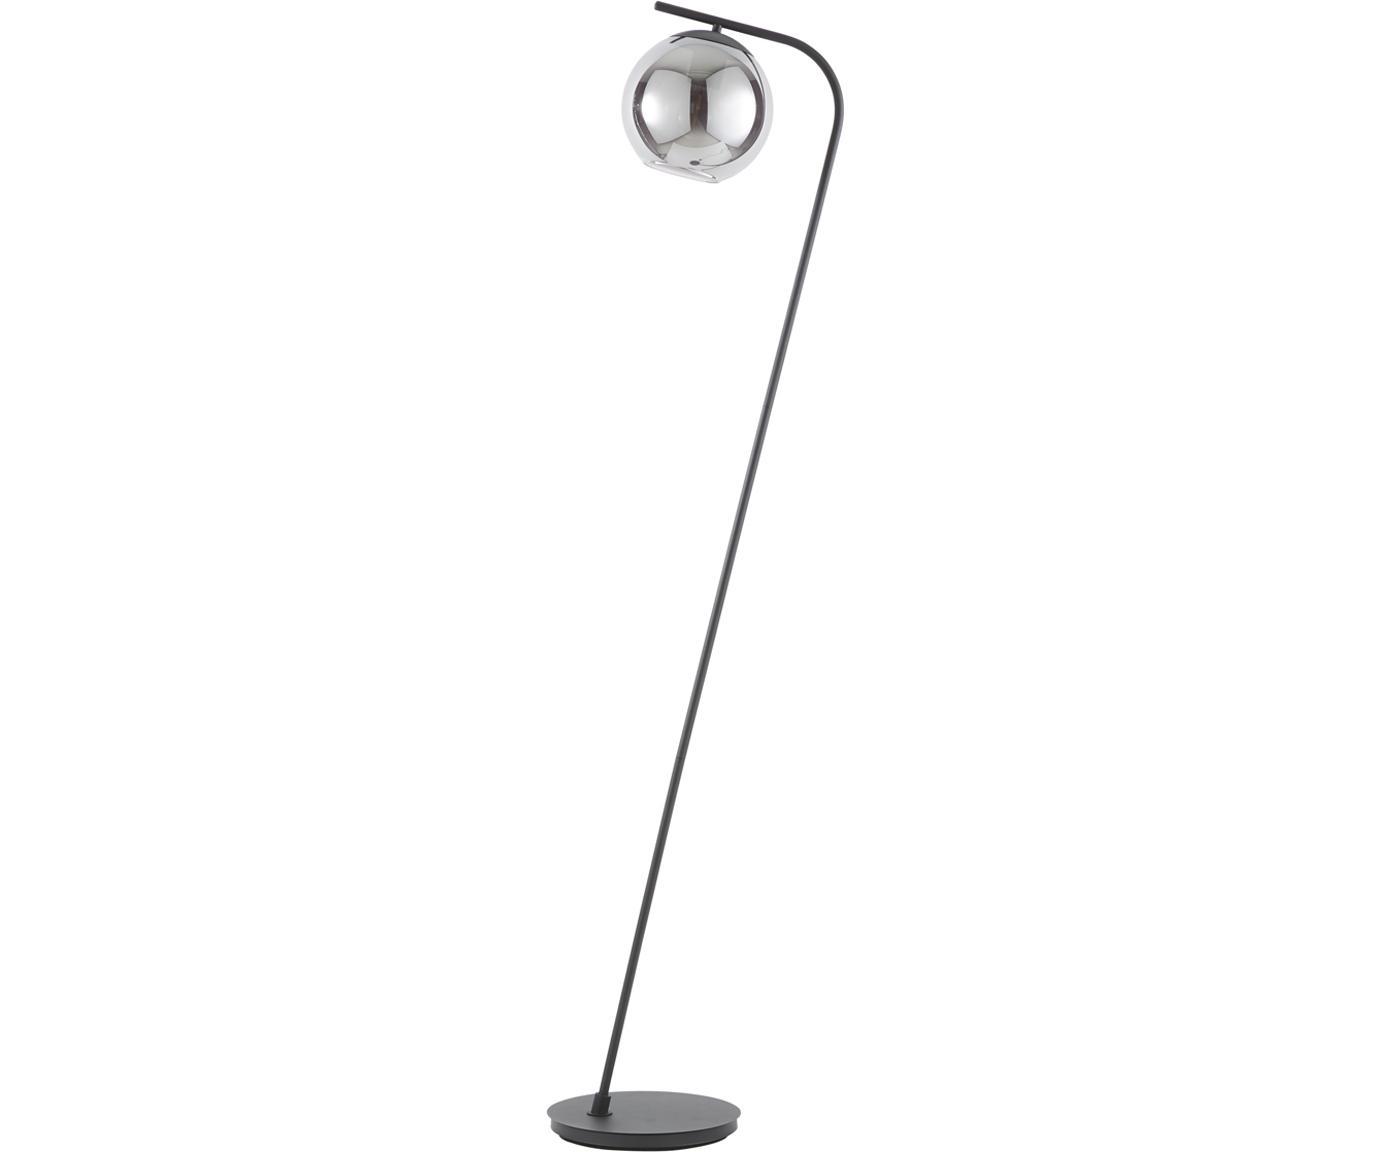 Lampada da terra Amos, Paralume: vetro, Base della lampada: metallo verniciato a polv, Nero trasparente, Ø 20 x Alt. 150 cm